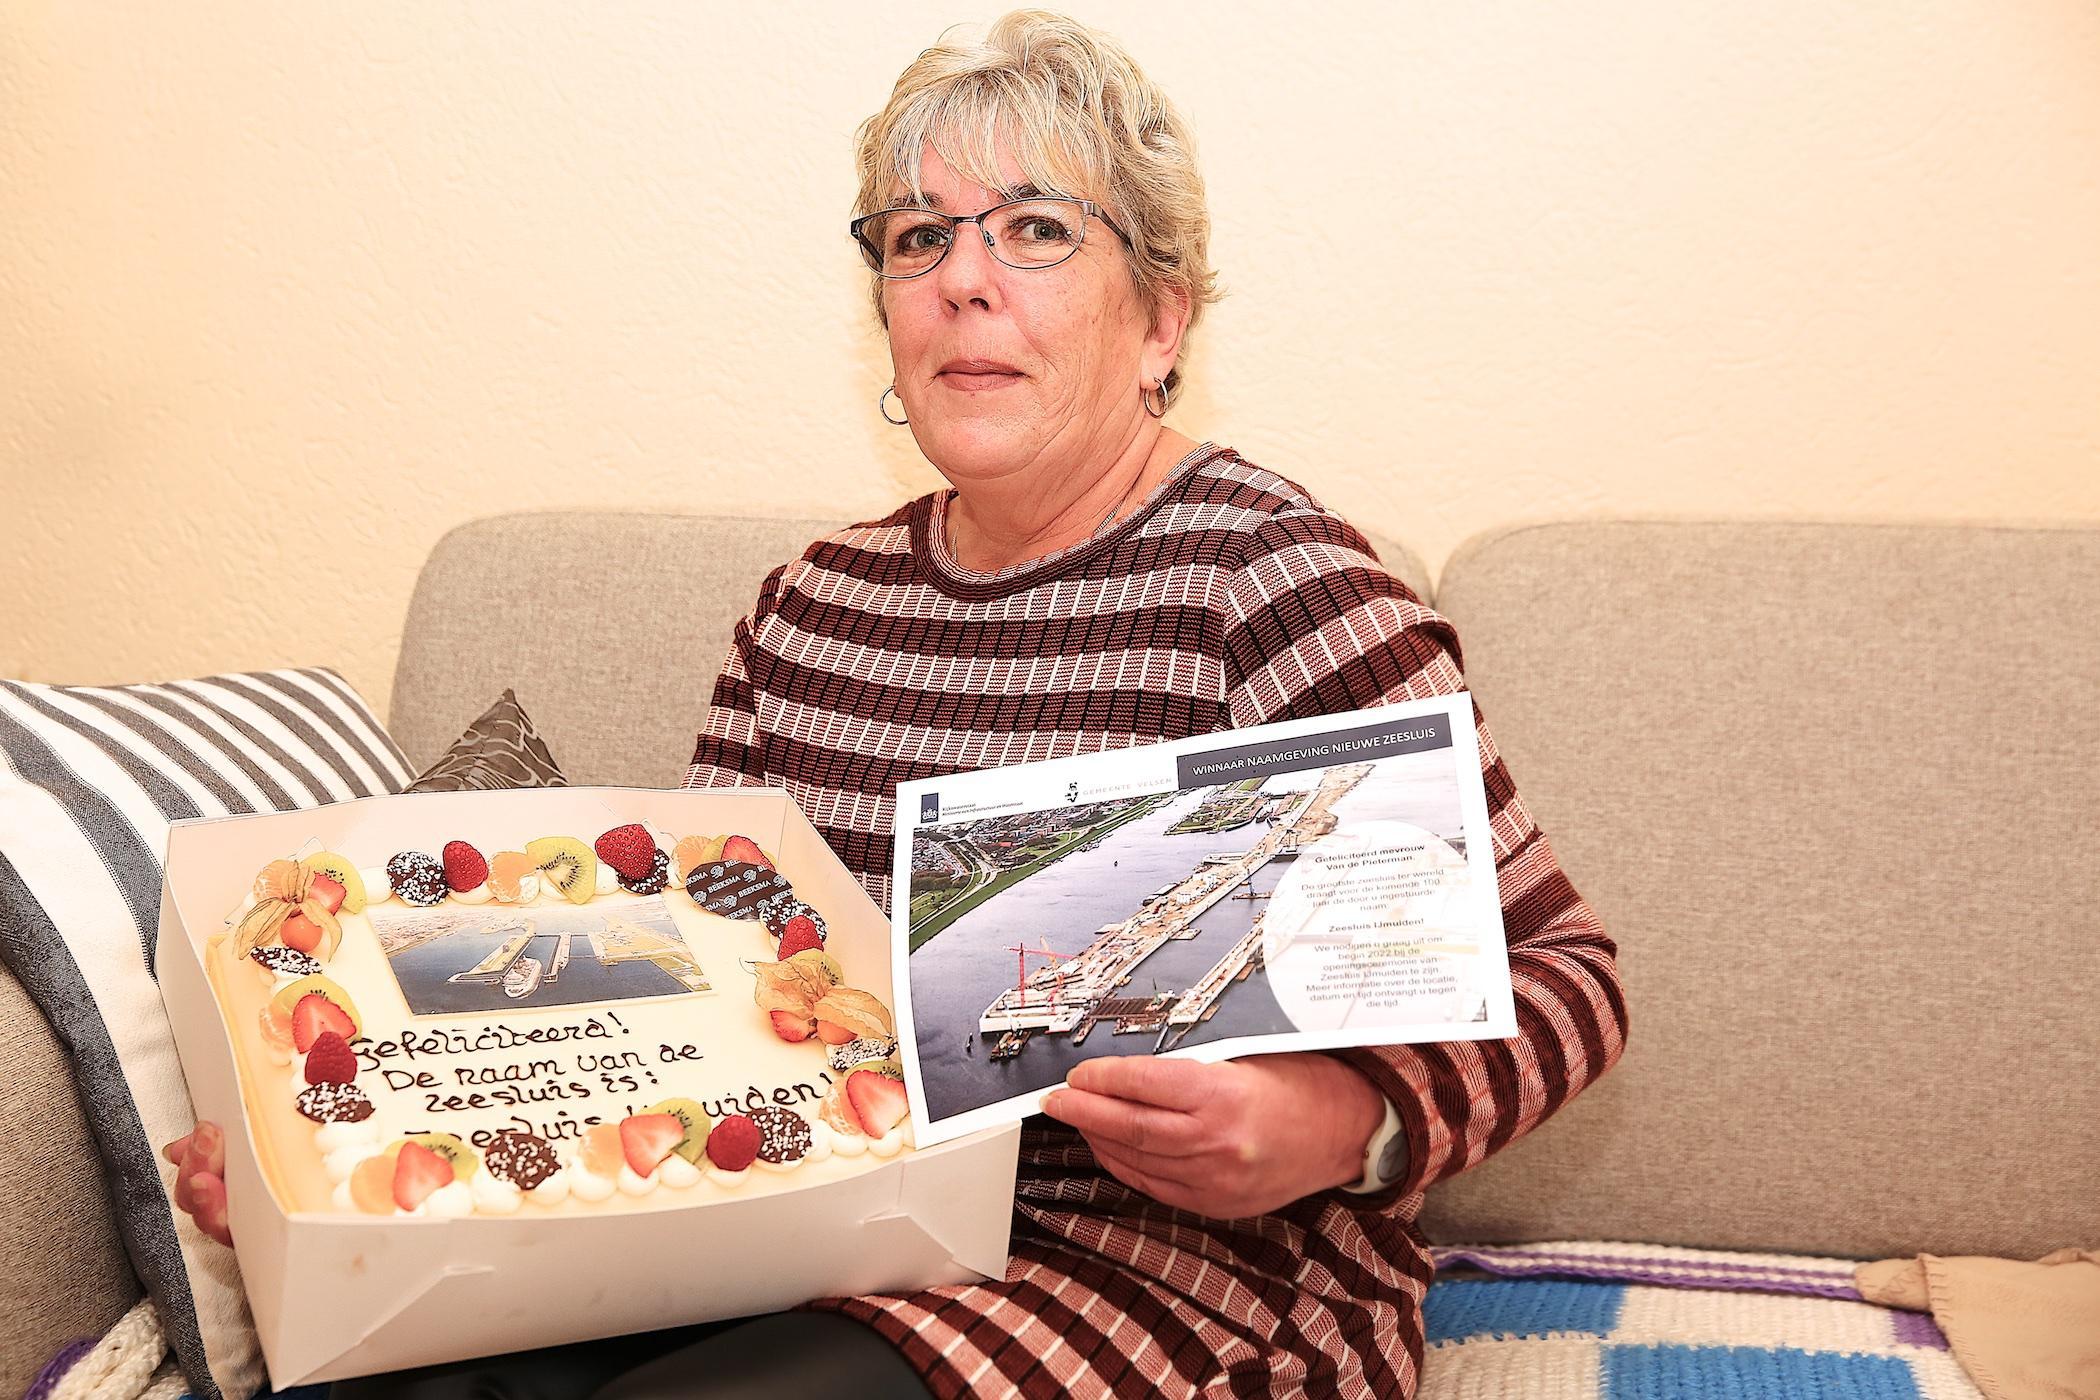 Liesbeth krijgt taart voor het bedenken van de naam voor de zeesluis IJmuiden: Zeesluis IJmuiden